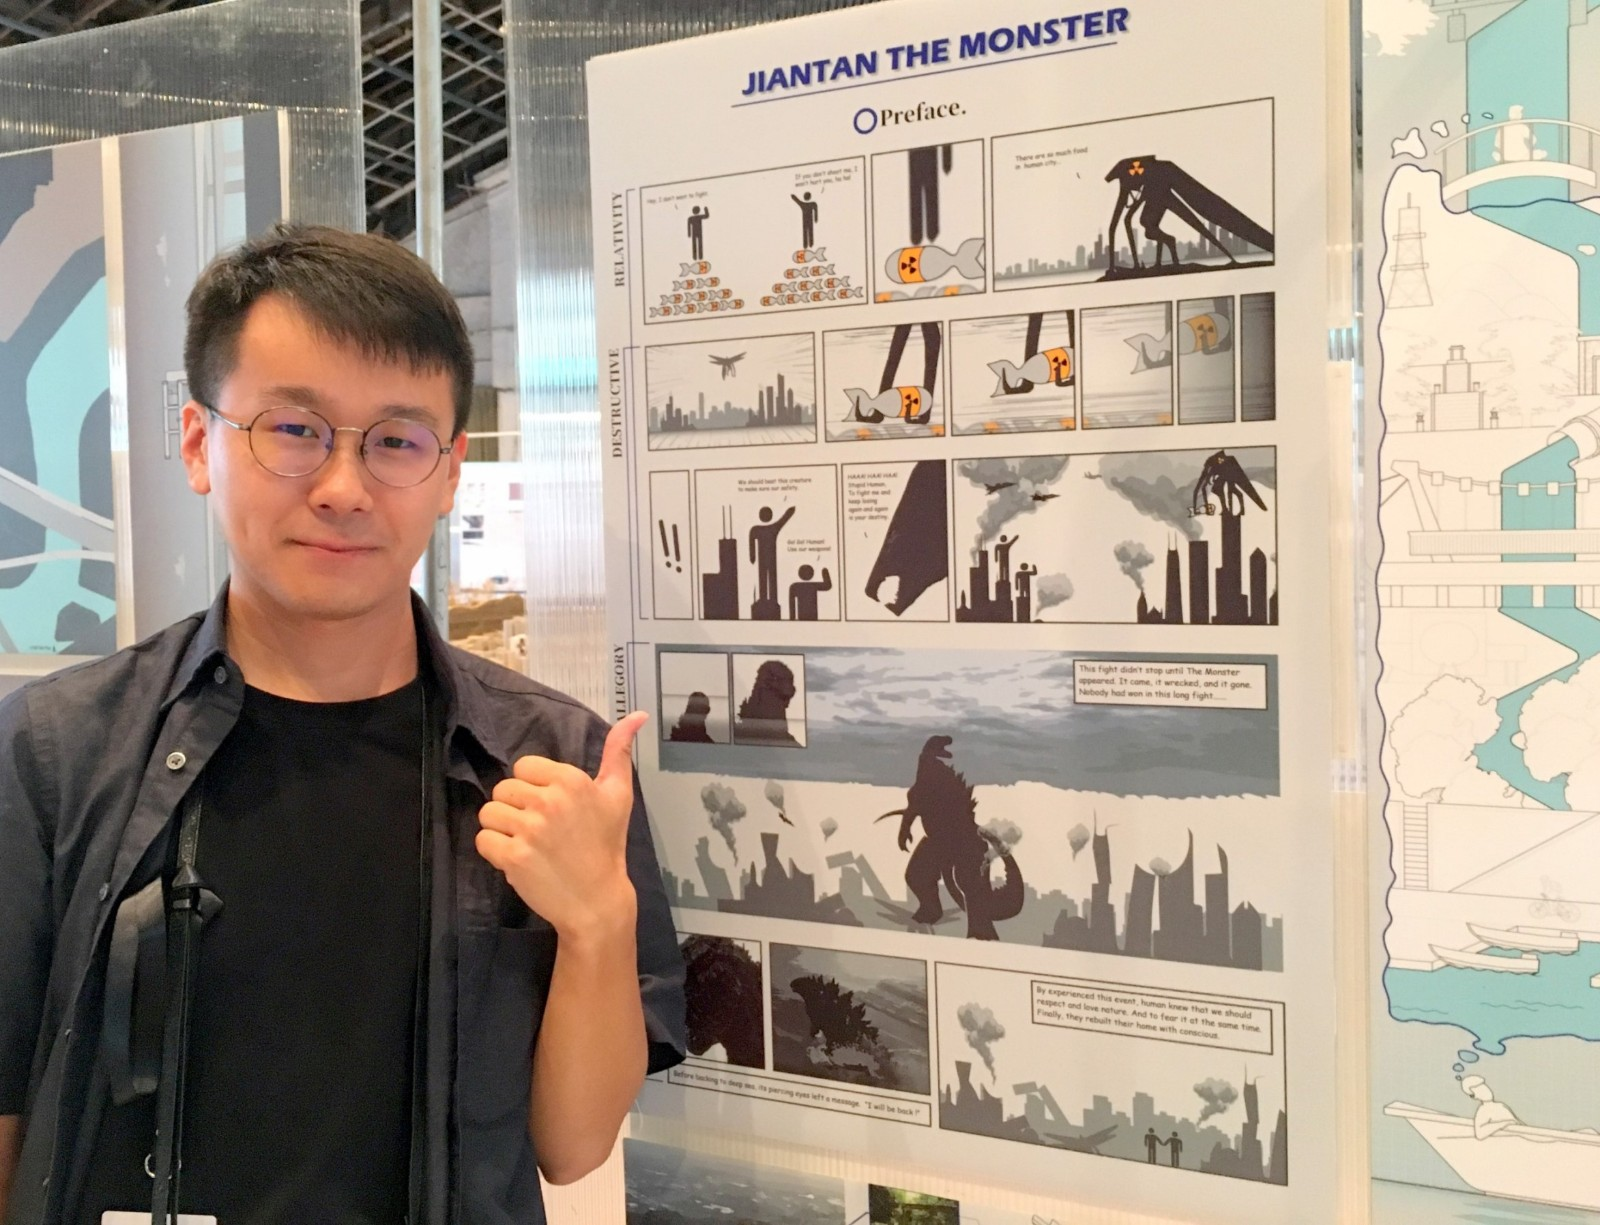 王謝程的「劍潭水怪」以怪獸歌吉拉為原型,希望用「怪物式建築」喚醒人對「水」的敬畏與恐懼.JPG